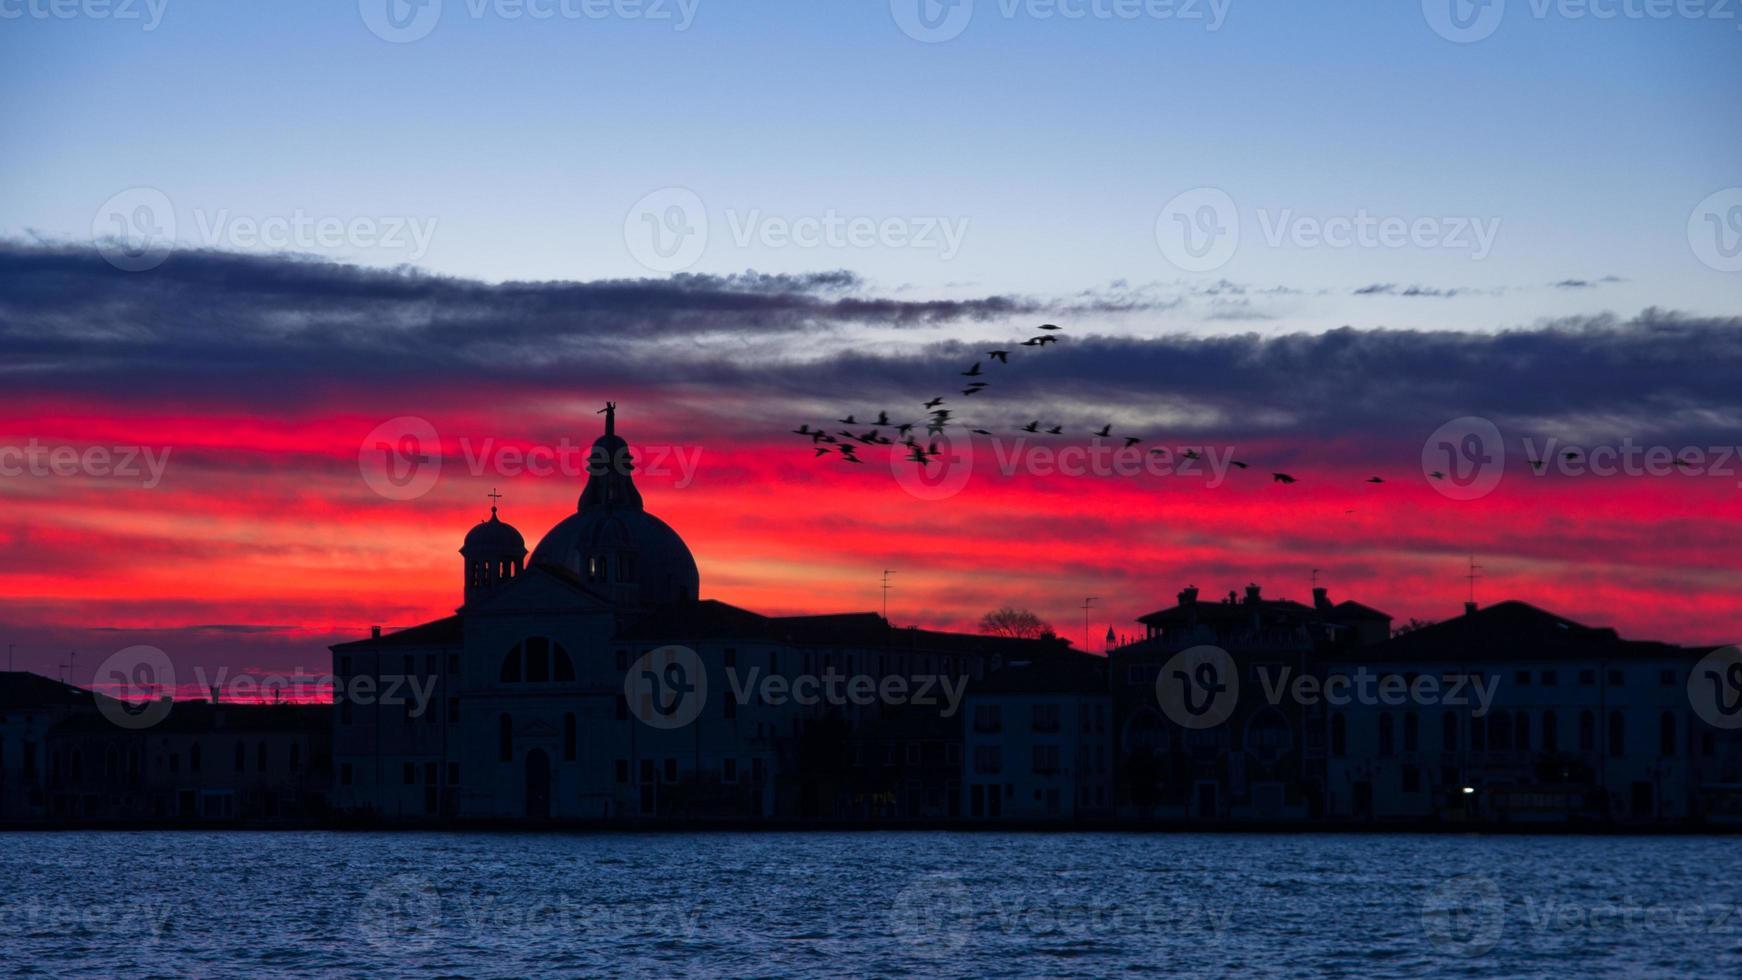 röd himmel vid soluppgång i Venedig nära Grand Canal foto